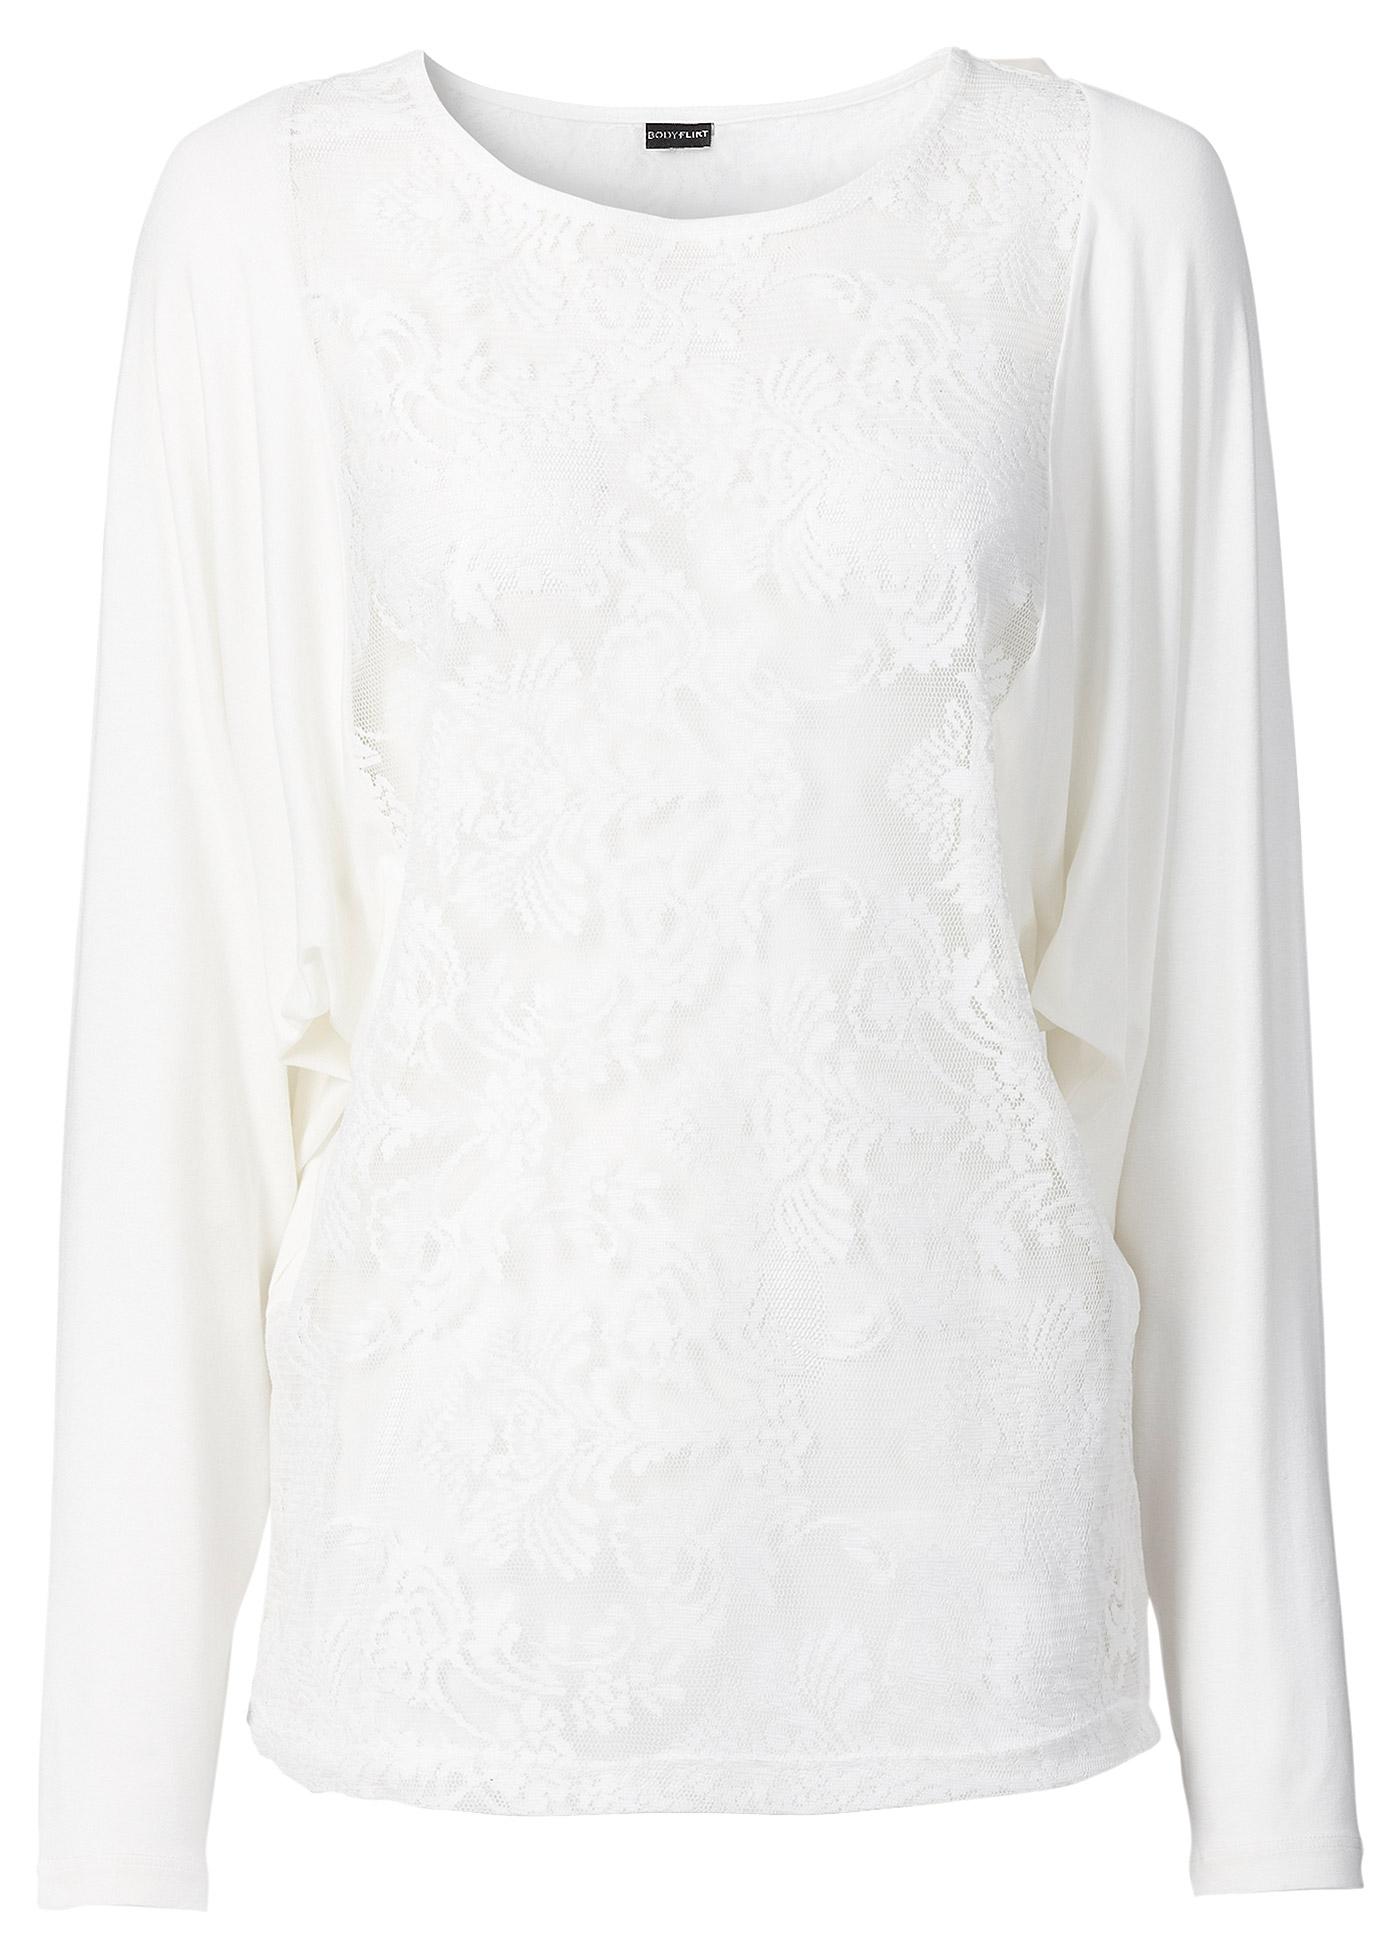 Fledermaus-Shirt mit Spitze in weiß für Damen von bonprix